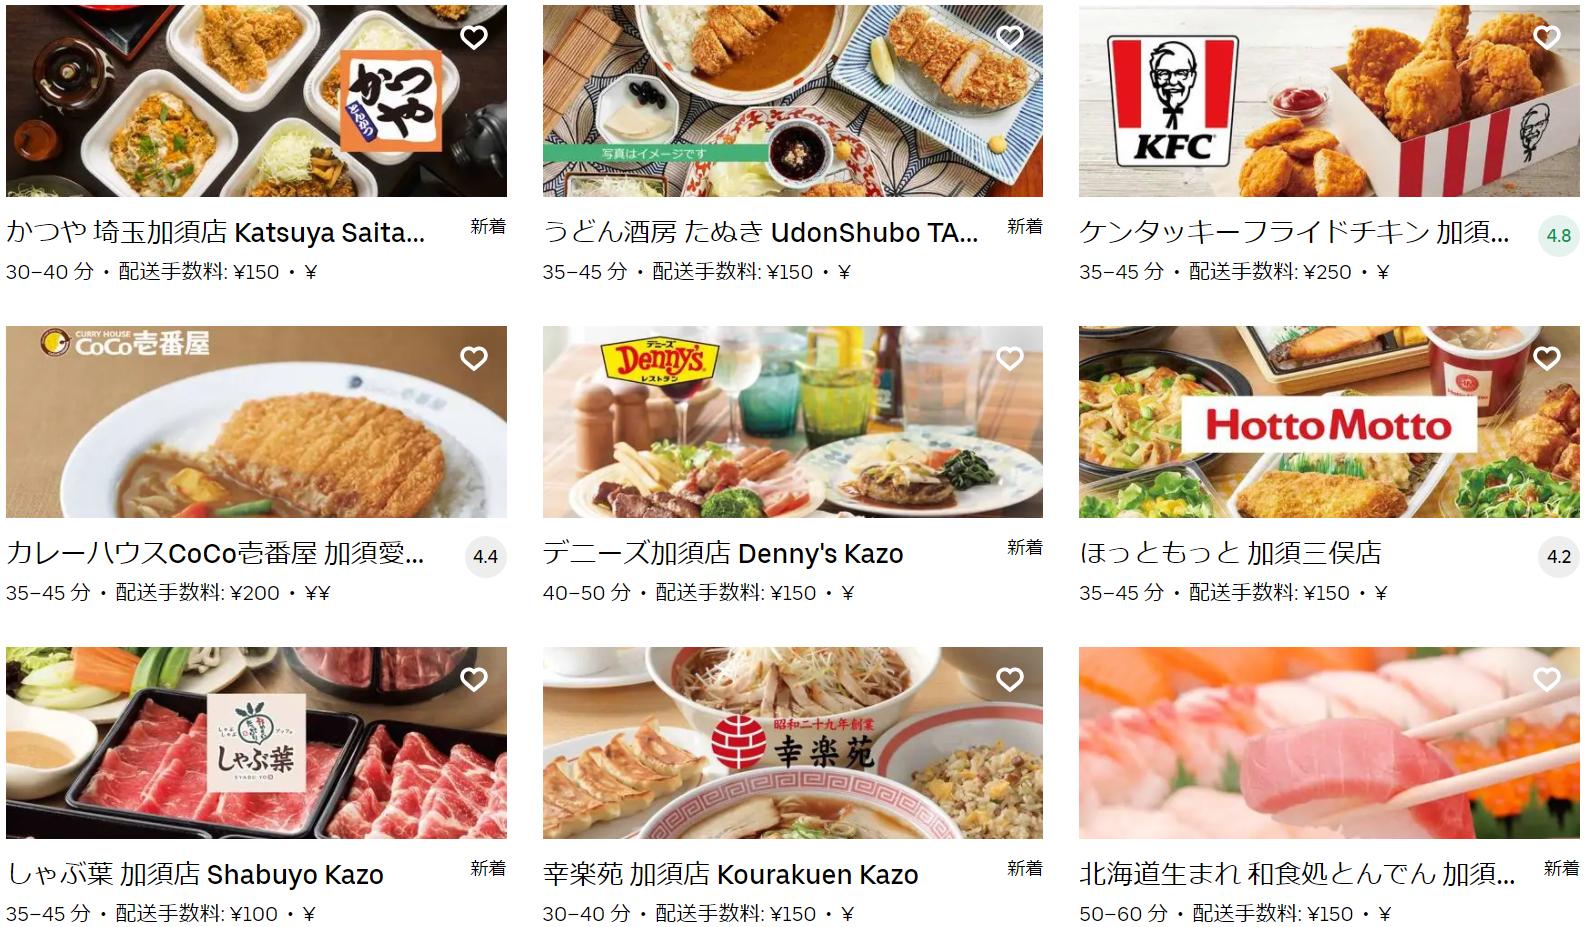 加須市エリアのおすすめUber Eats(ウーバーイーツ)メニュー